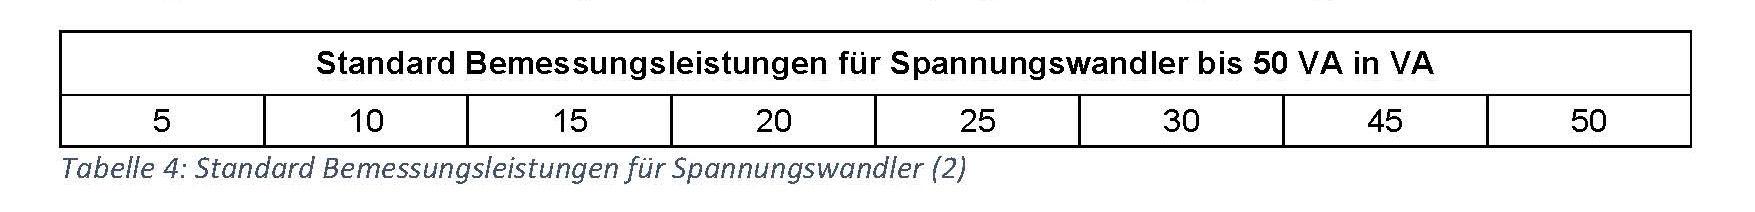 4_Techn_Erlaeuterungen_3